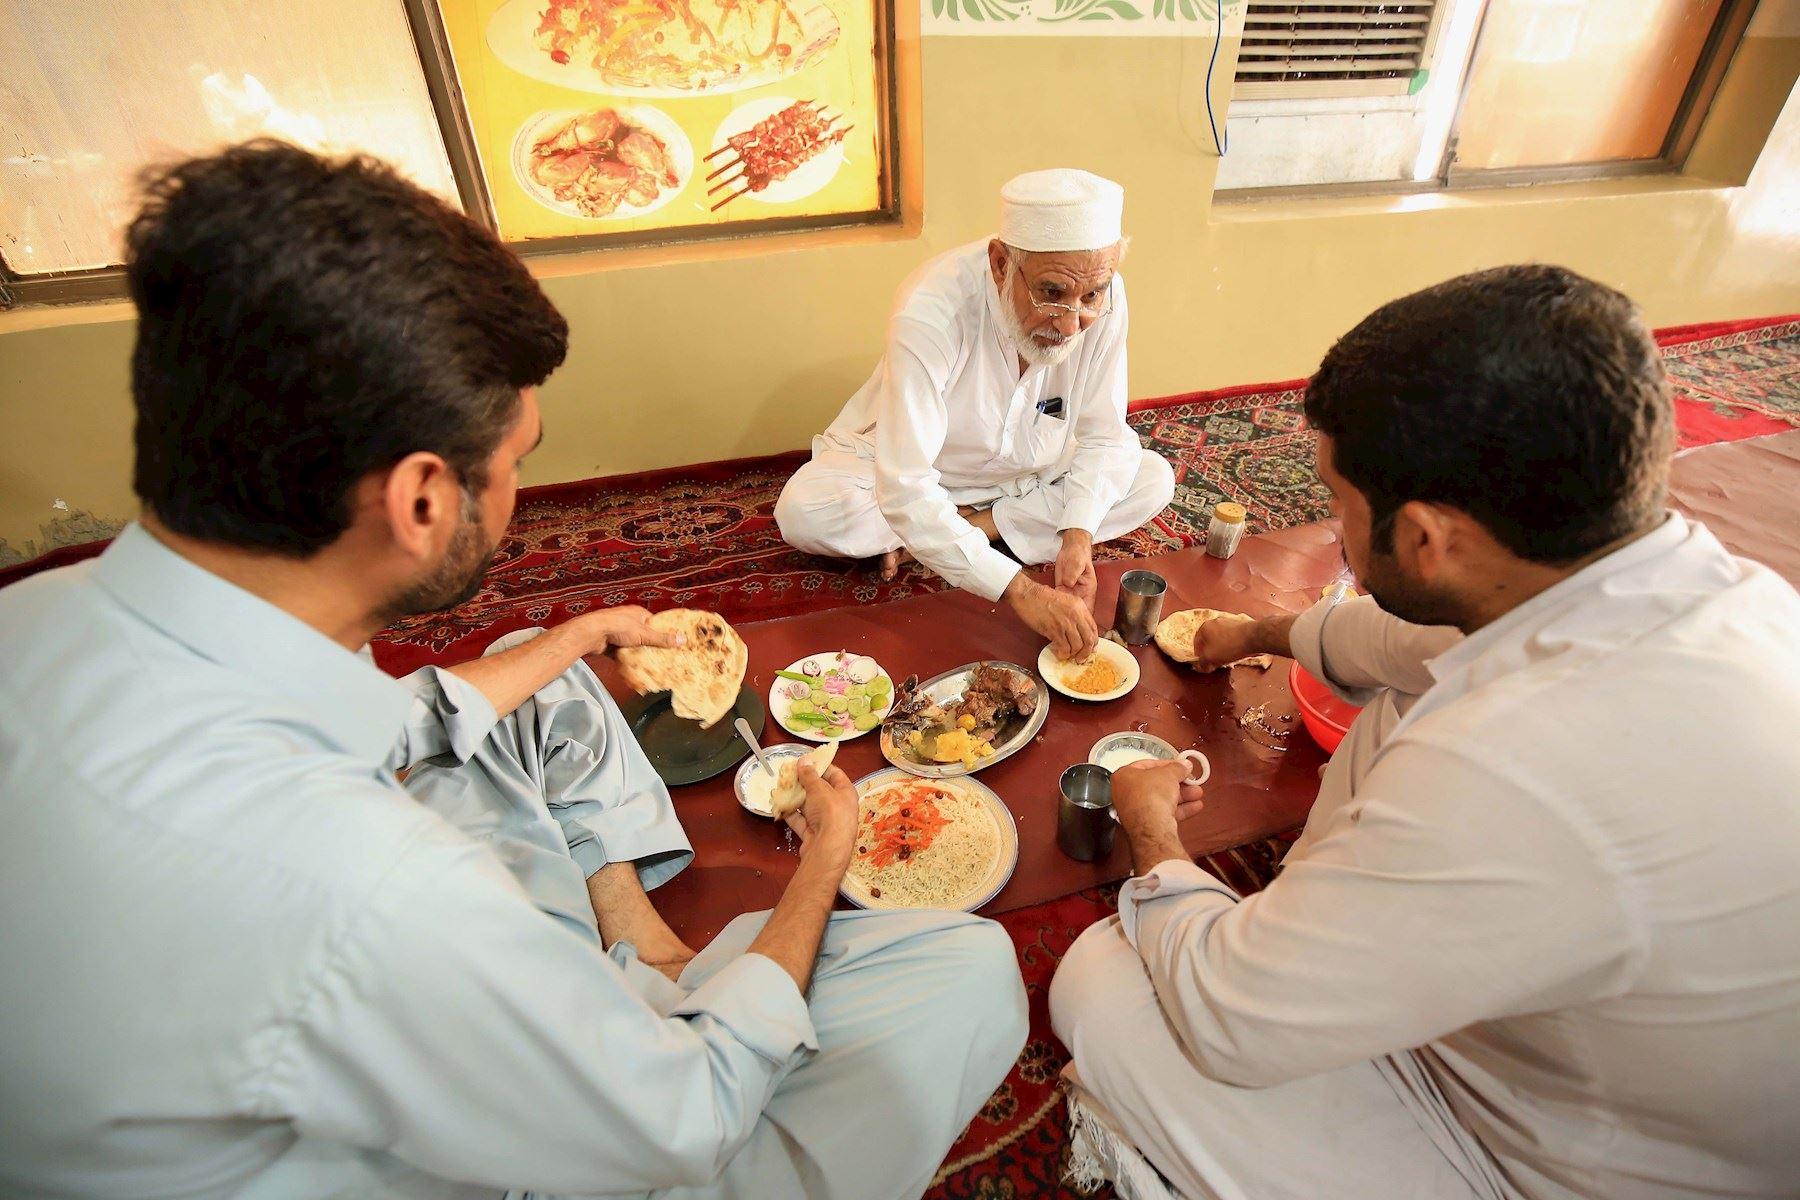 Personas sin mascarillas comparten alimentos después de que el gobierno levantara la mayoría de las restricciones de coronavirus restantes en el país, en Peshawar, Pakistán.  Foto: EFE